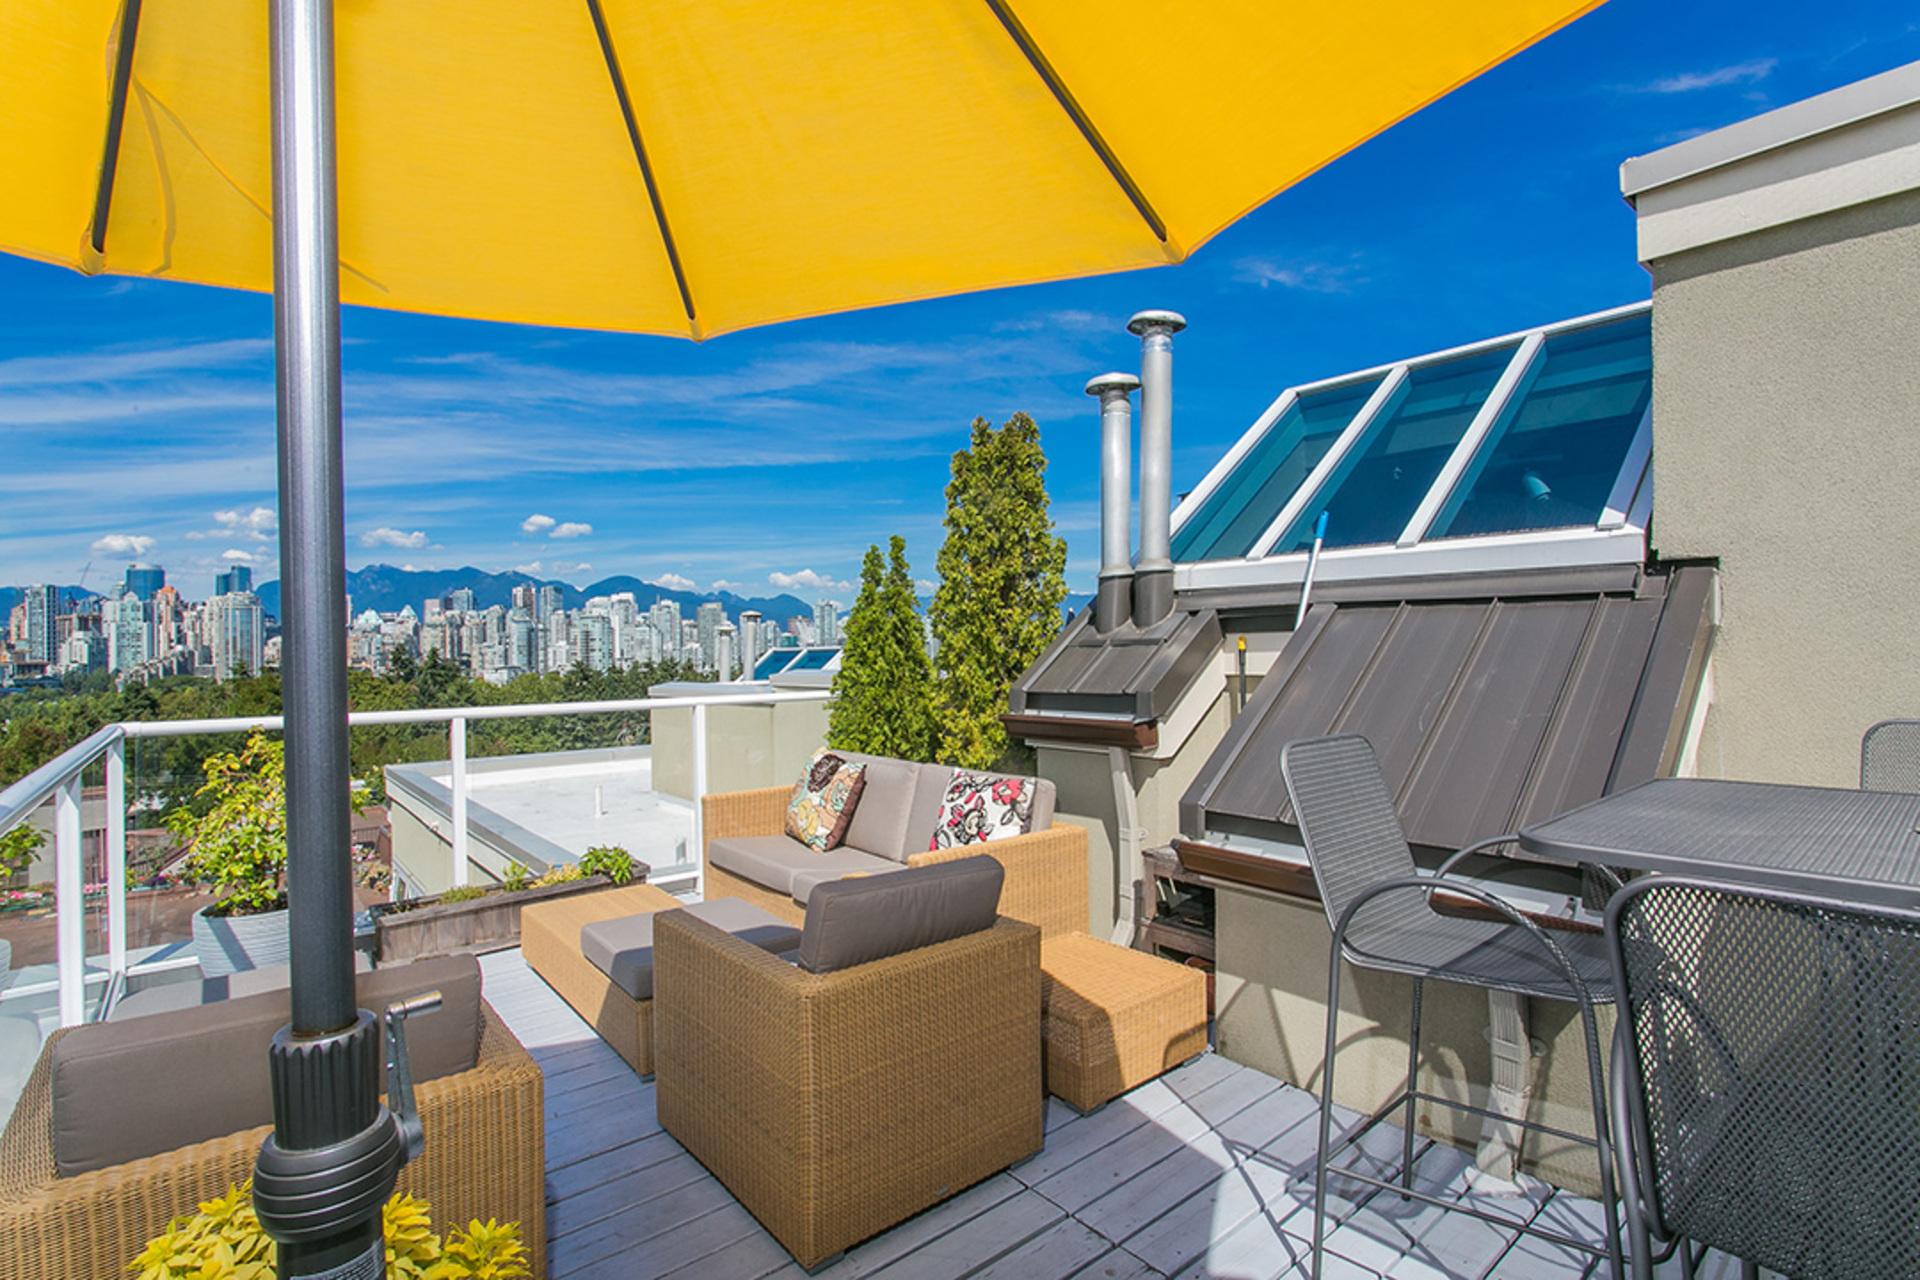 1j6a5111 at 303 - 933 West 8th Avenue, Fairview VW, Vancouver West